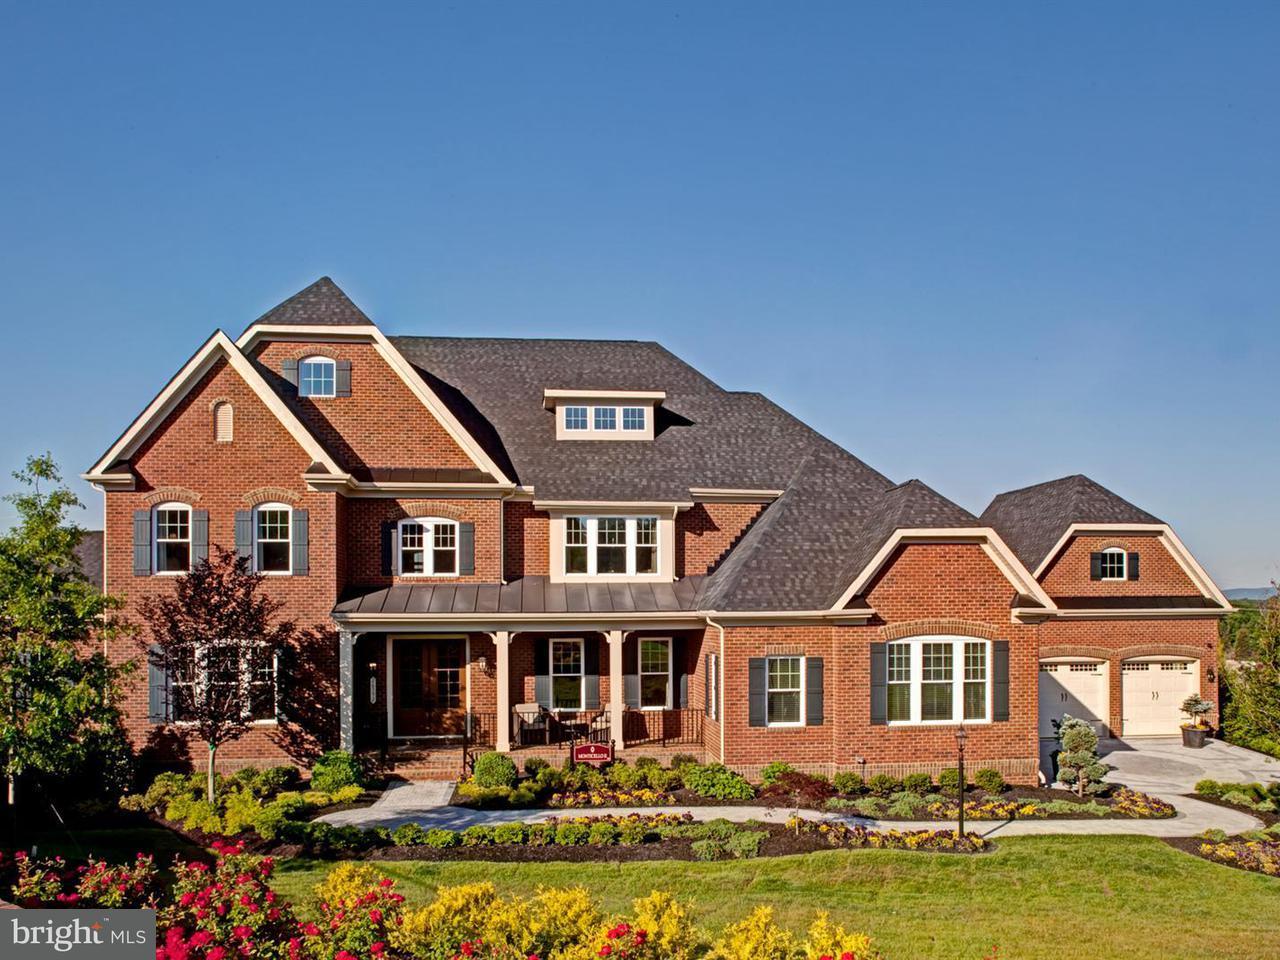 独户住宅 为 销售 在 6823 Lilly Belle Court 6823 Lilly Belle Court 森特维尔, 弗吉尼亚州 20120 美国